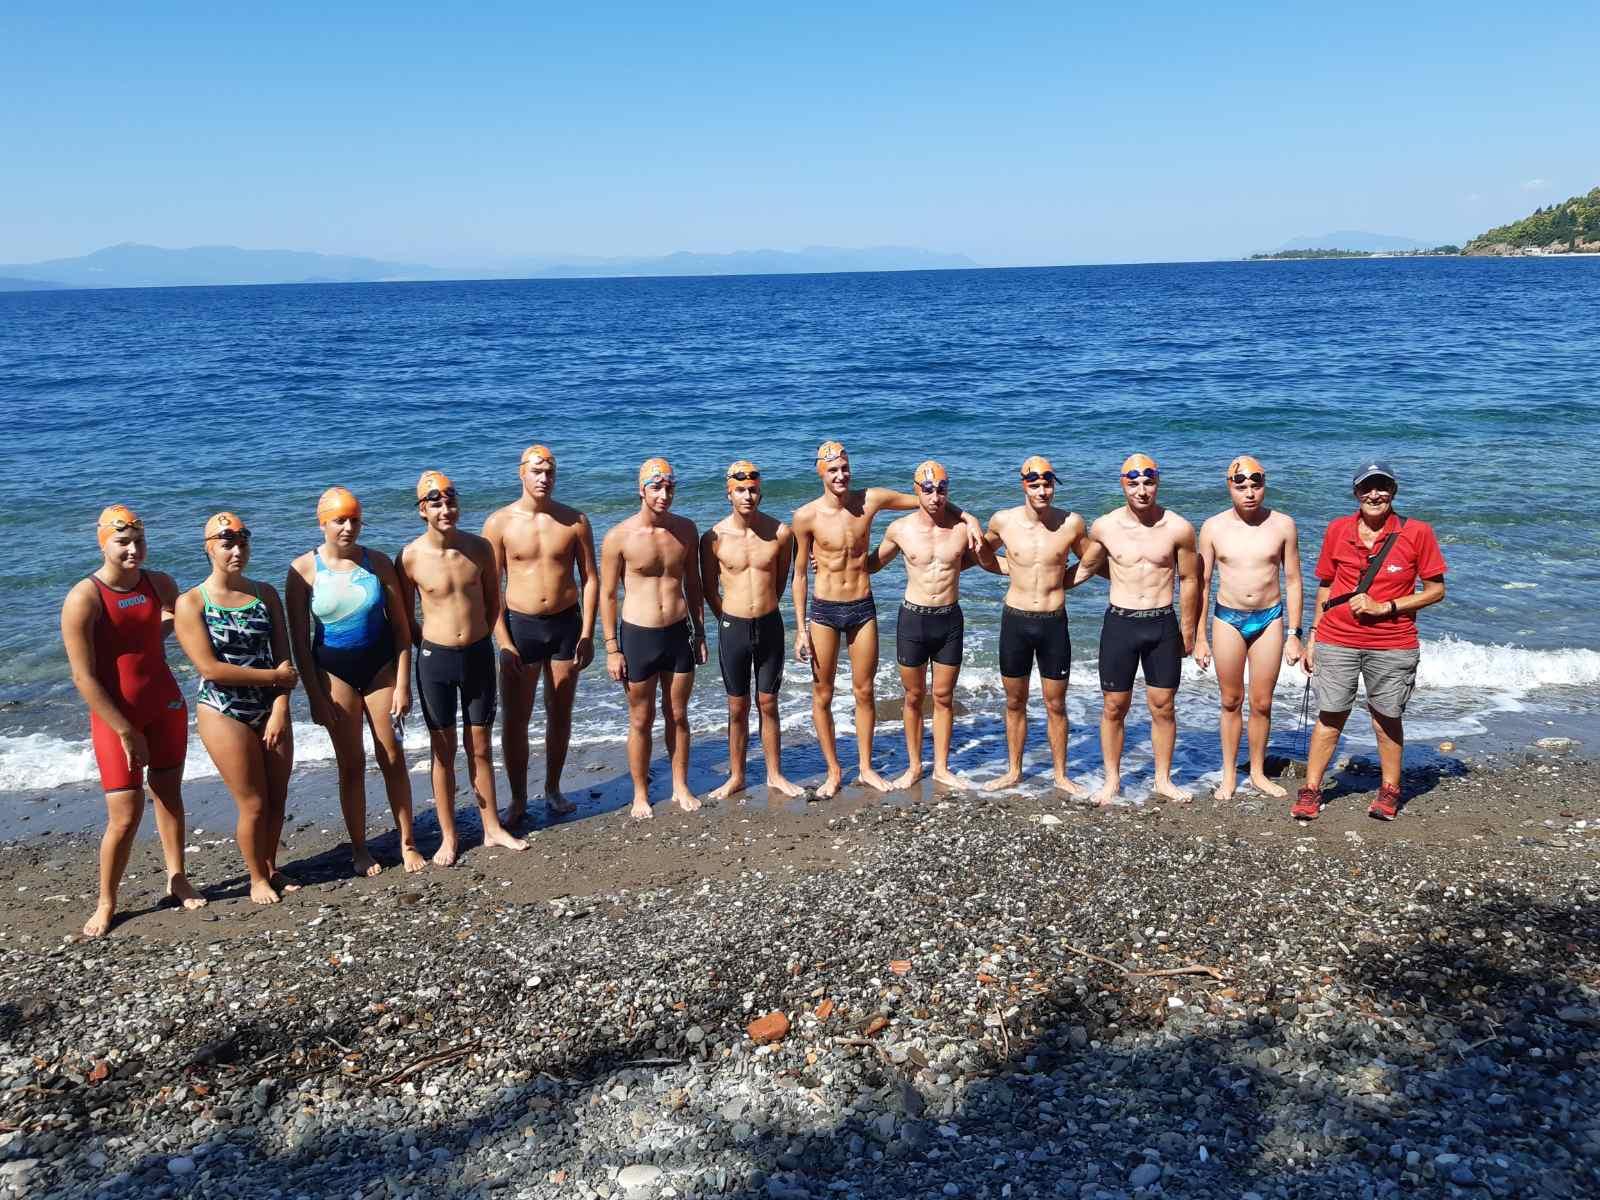 """Ελύμνιο 2020, Ο Ευβοϊκός ΓΑΣ στους Παράκτιους κολυμβητικούς αγώνες """"Ελύμνιο 2020"""", Eviathema.gr   Εύβοια Τοπ Νέα Ειδήσεις"""